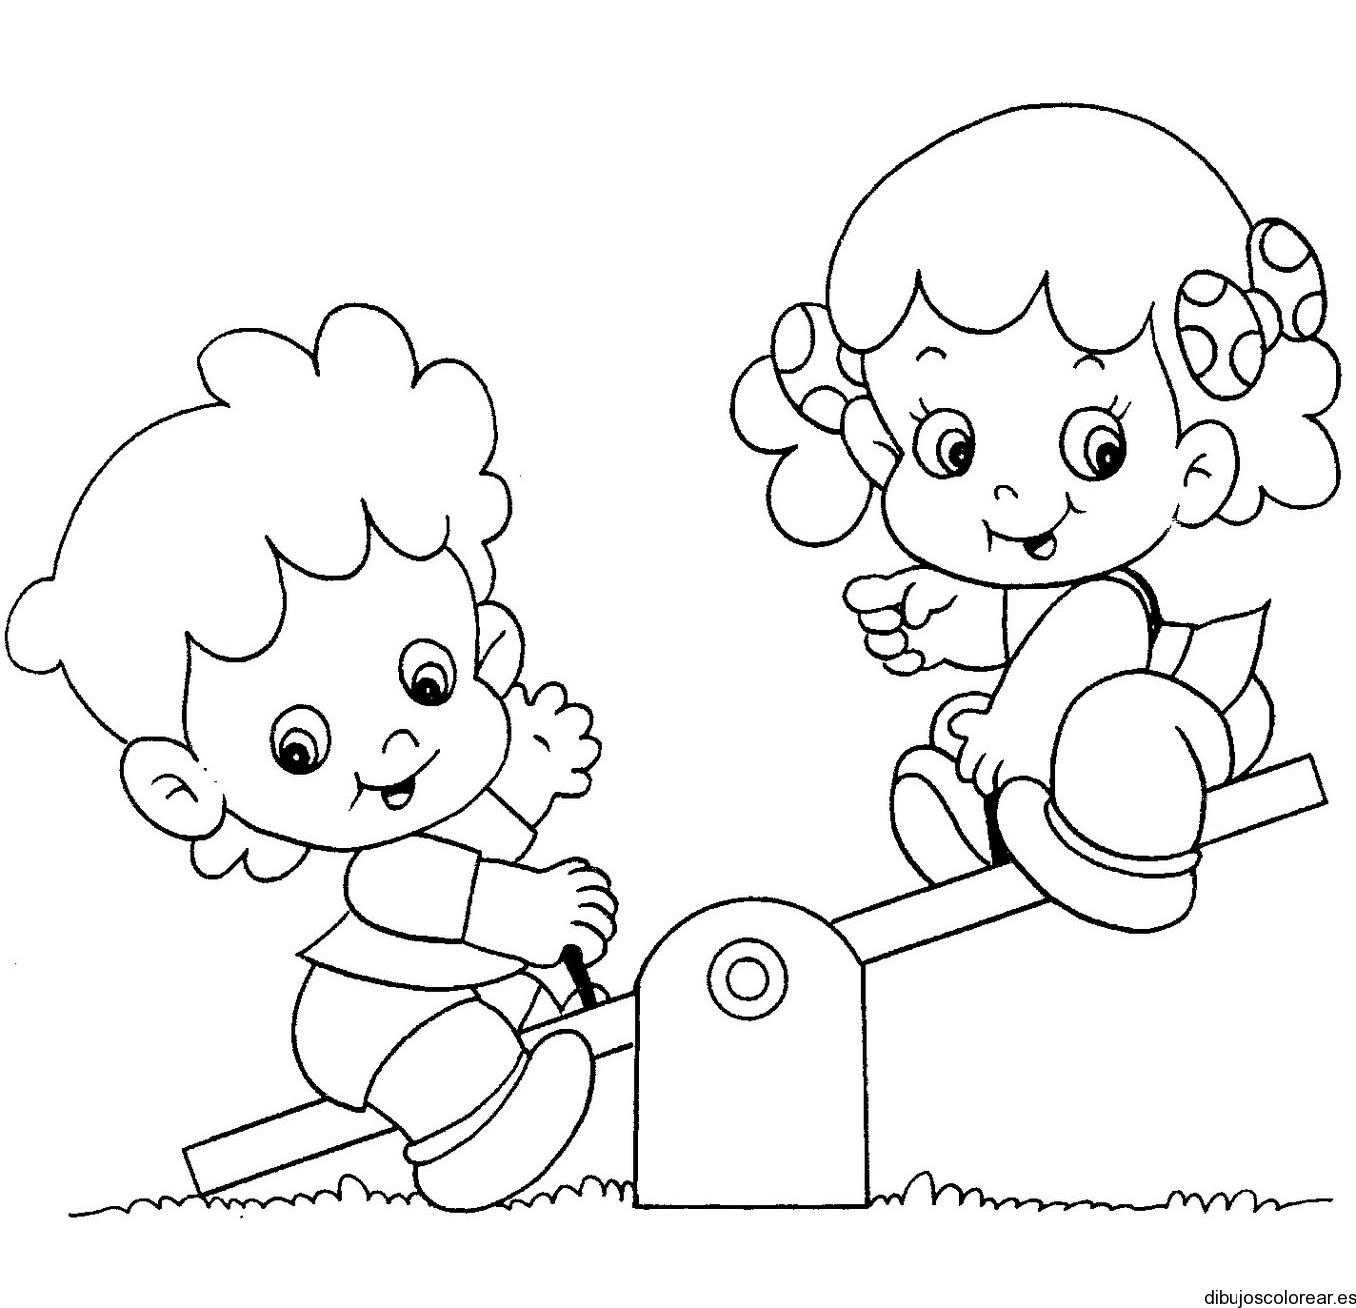 Dibujo De Dos Niñas Jugando En El Parque